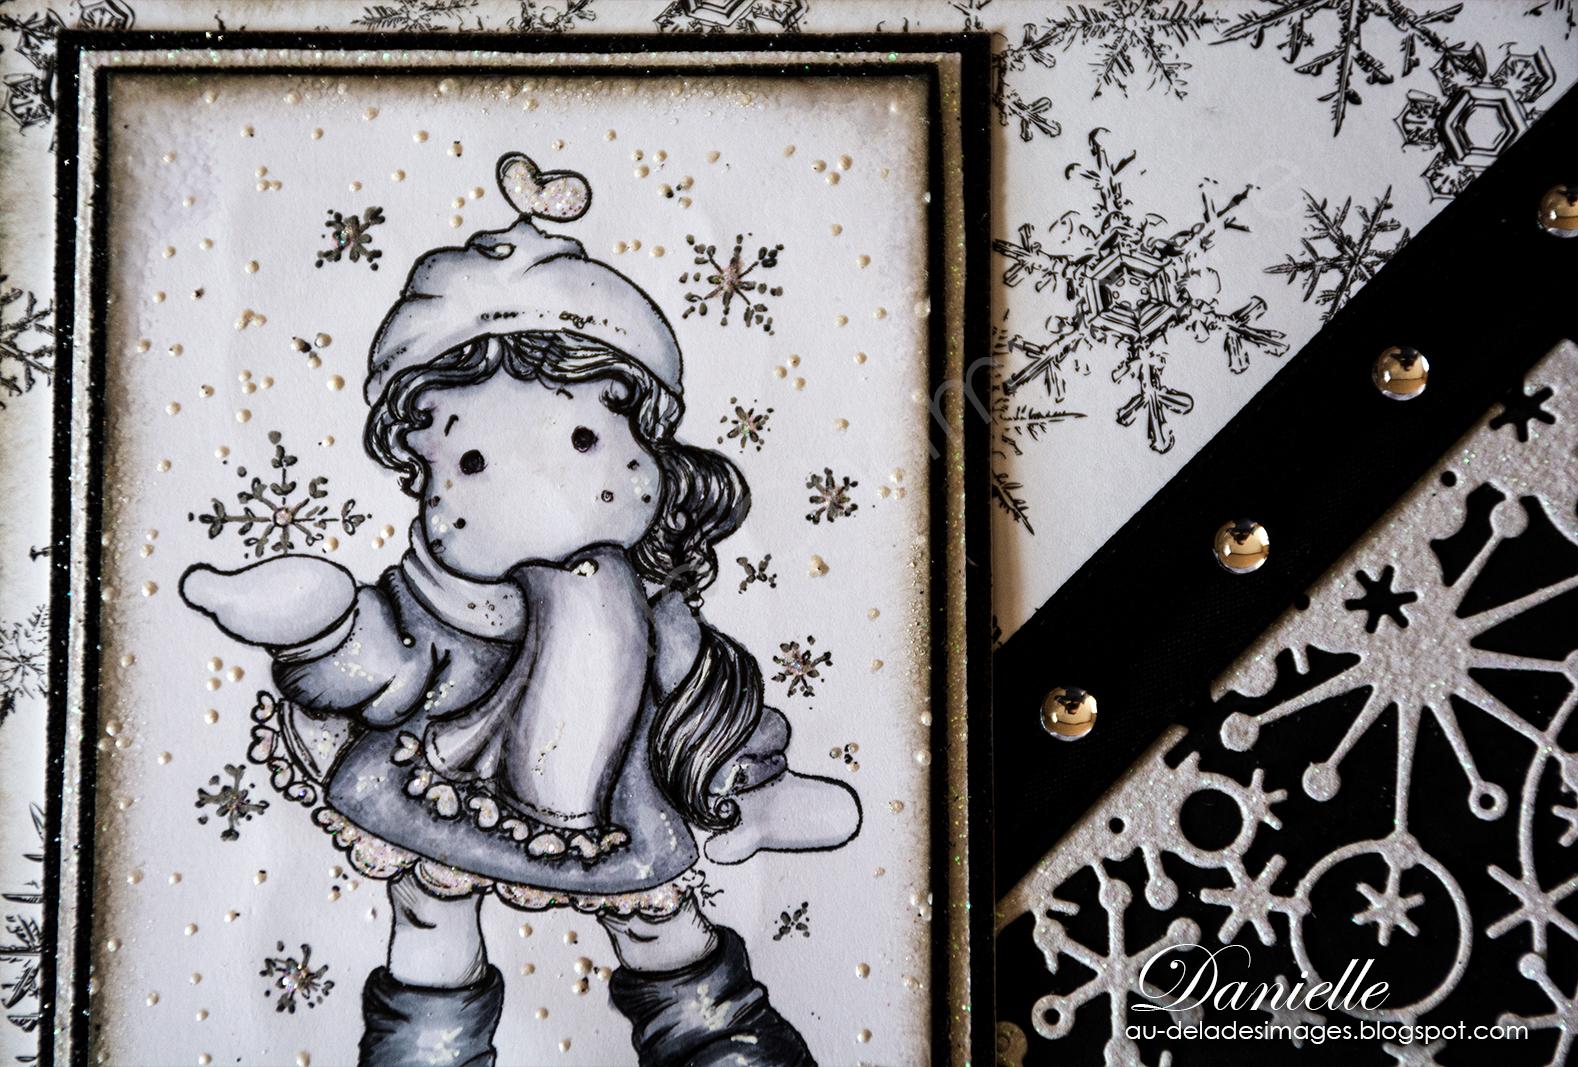 Au Delà Des Images Chronique Noël à Lannée Blanc Et Noir